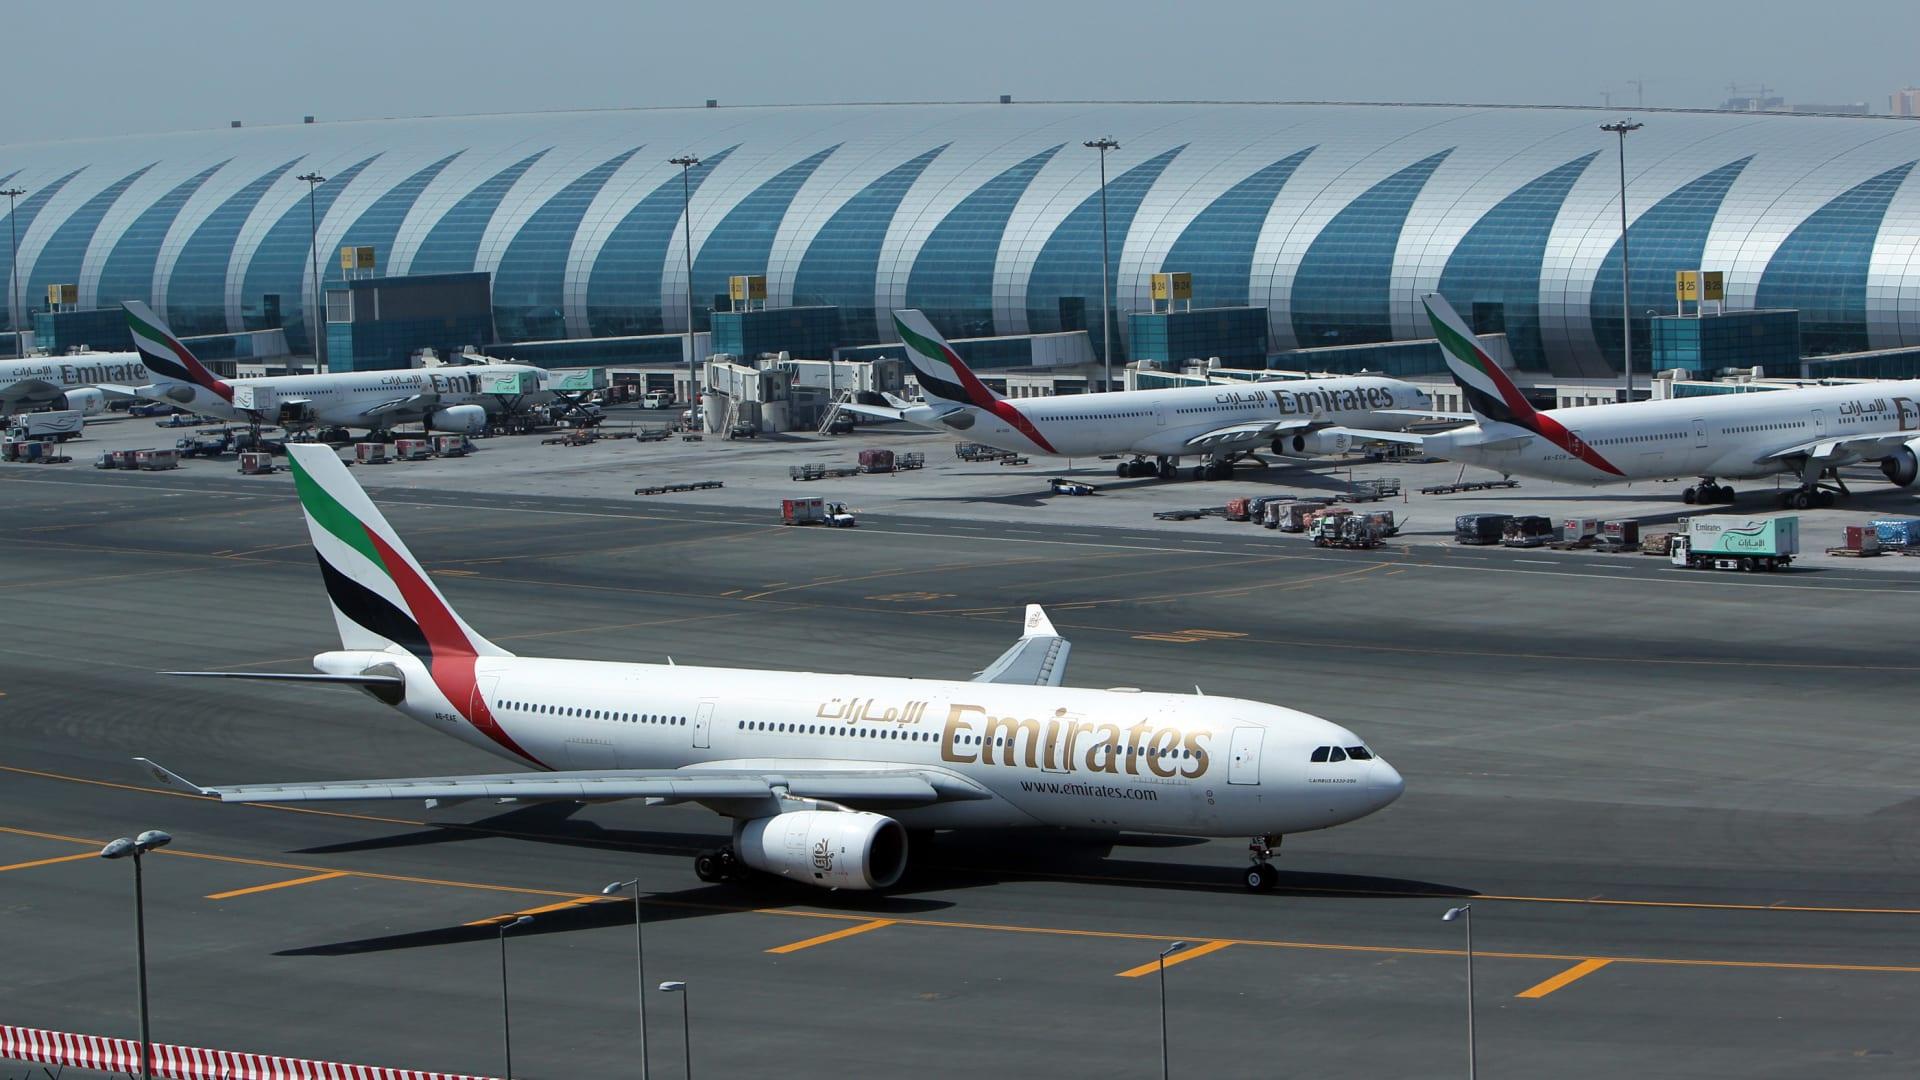 طيران الإمارات تعيد تسيير رحلاتها.. تجربة الطيران لن تكون ذاتها